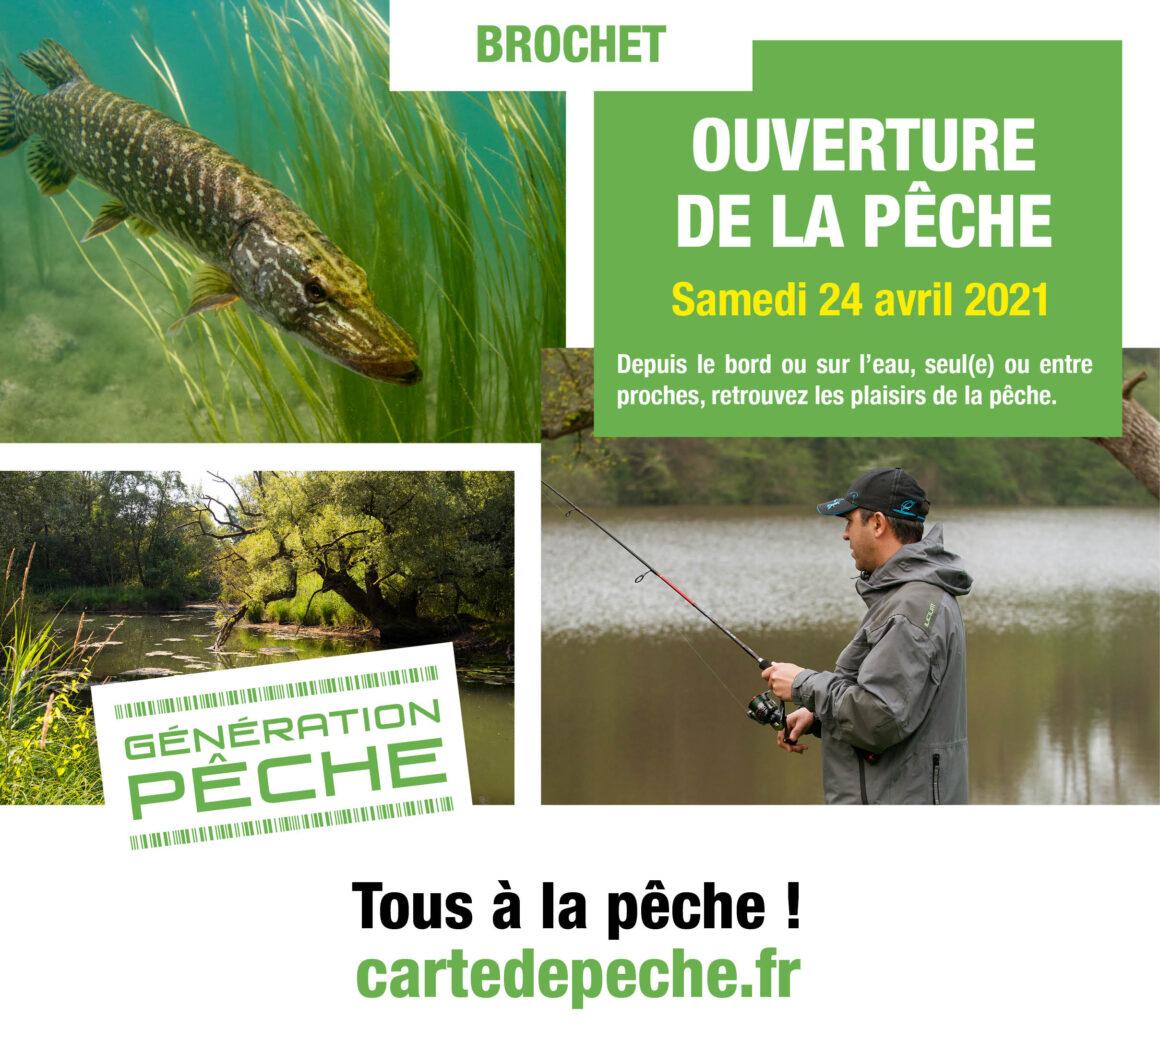 L'ouverture de la pêche du brochet en 2ème catégorie, c'est le samedi 24 avril